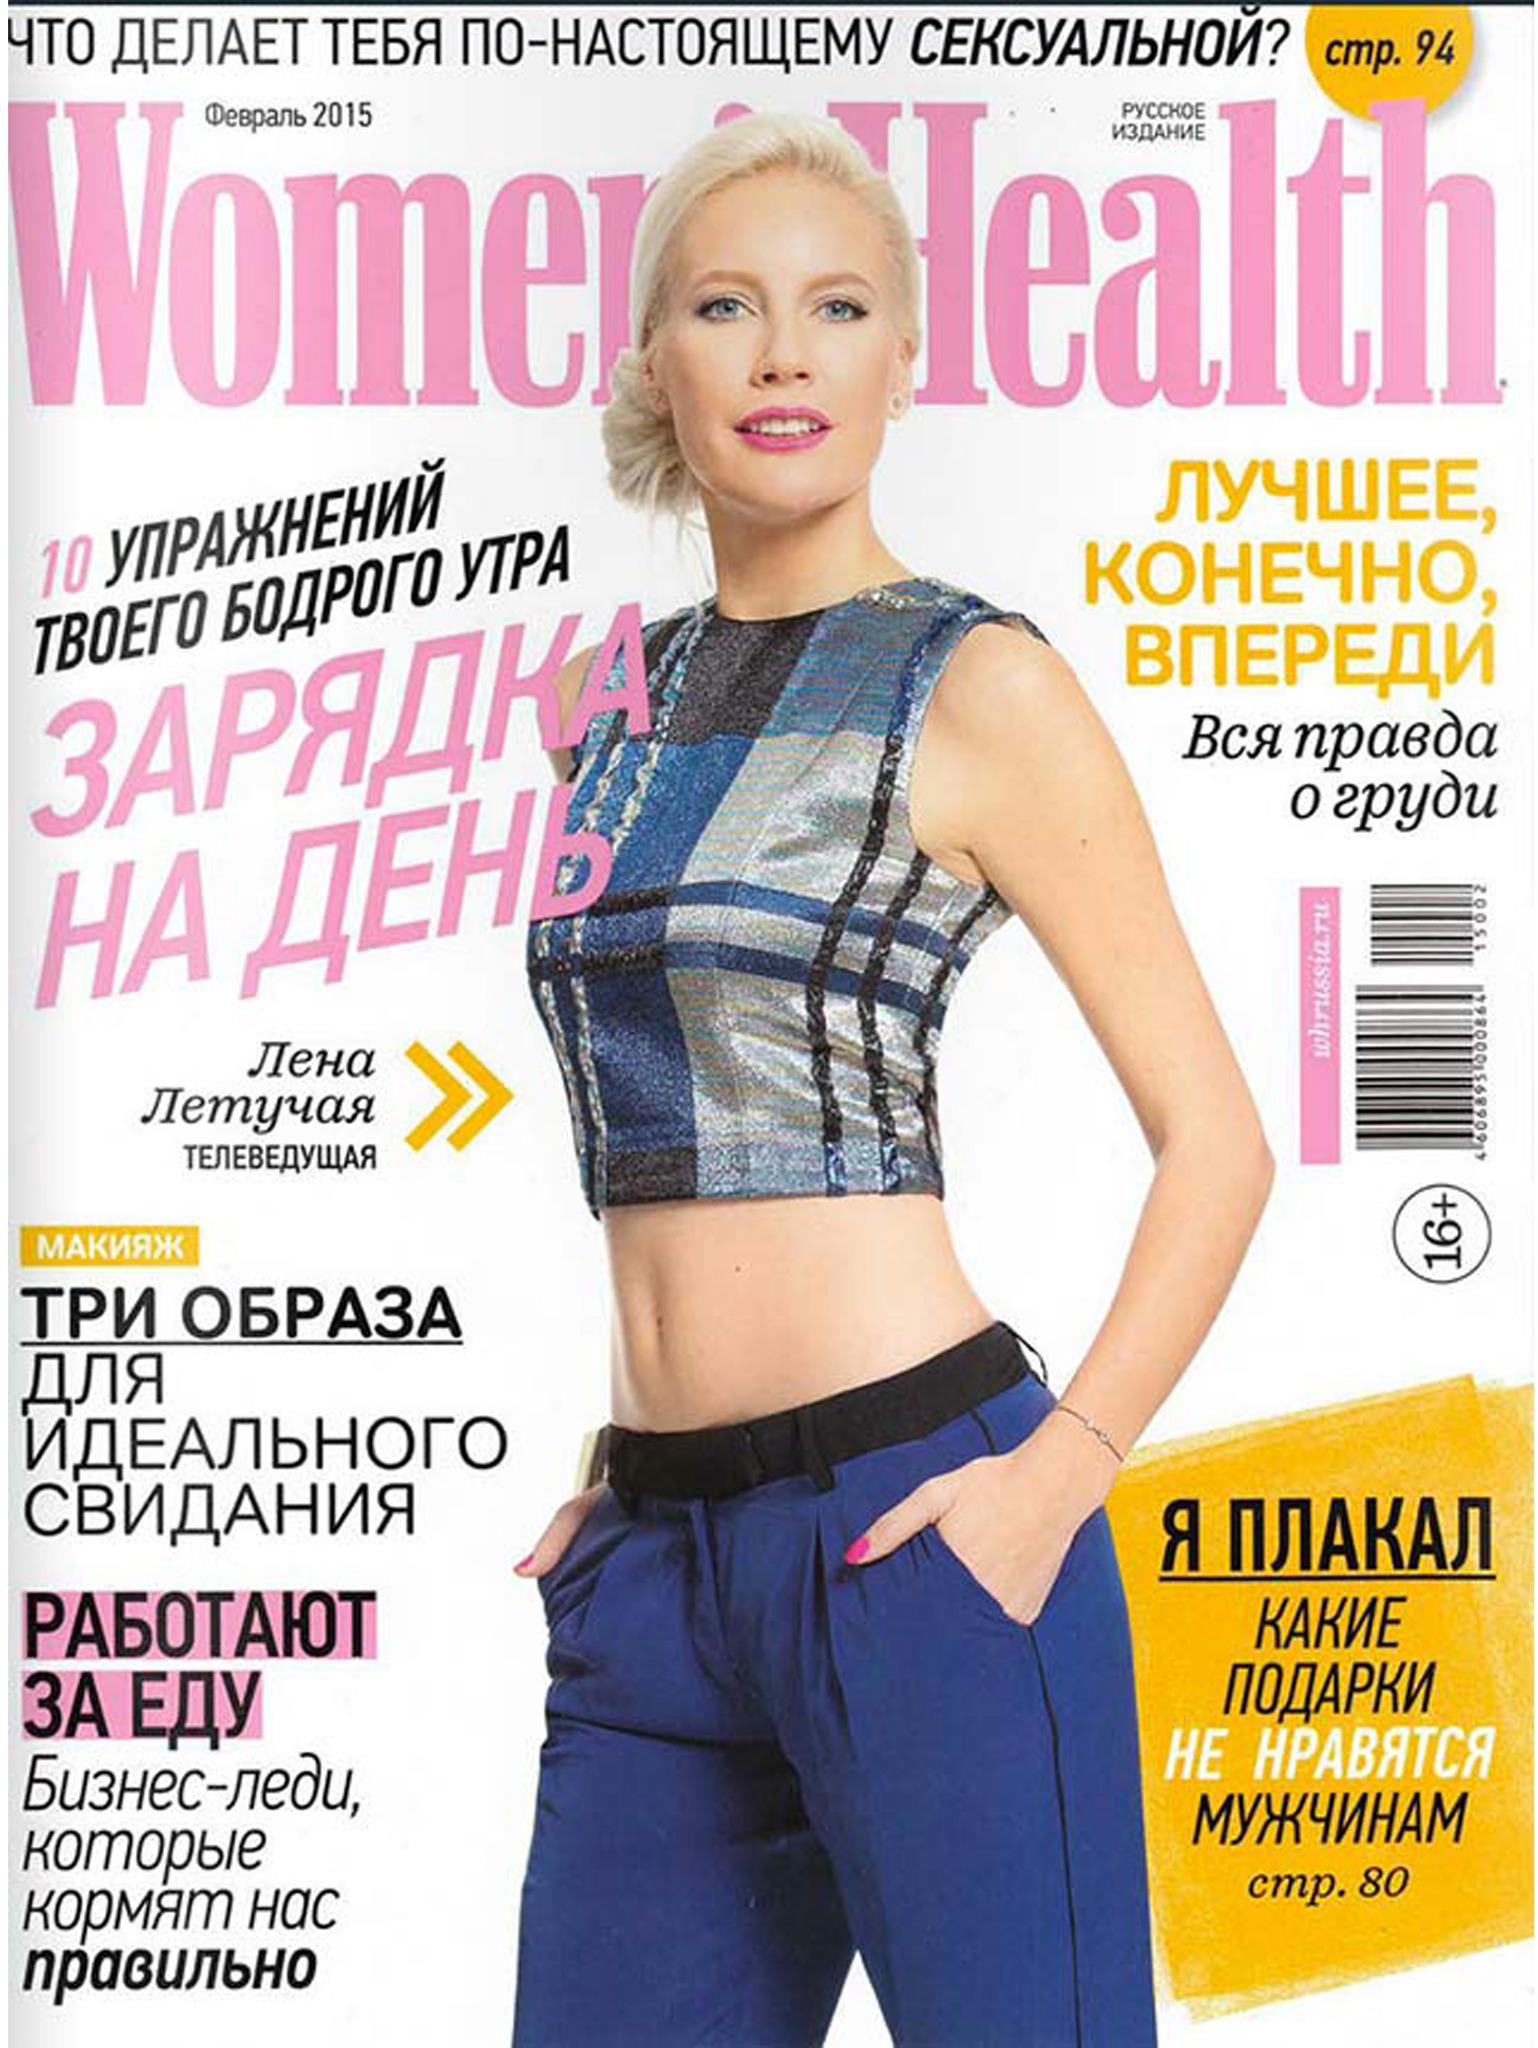 Колье от Andres Gallardo в журнале Women's Health февраль 2015 г.